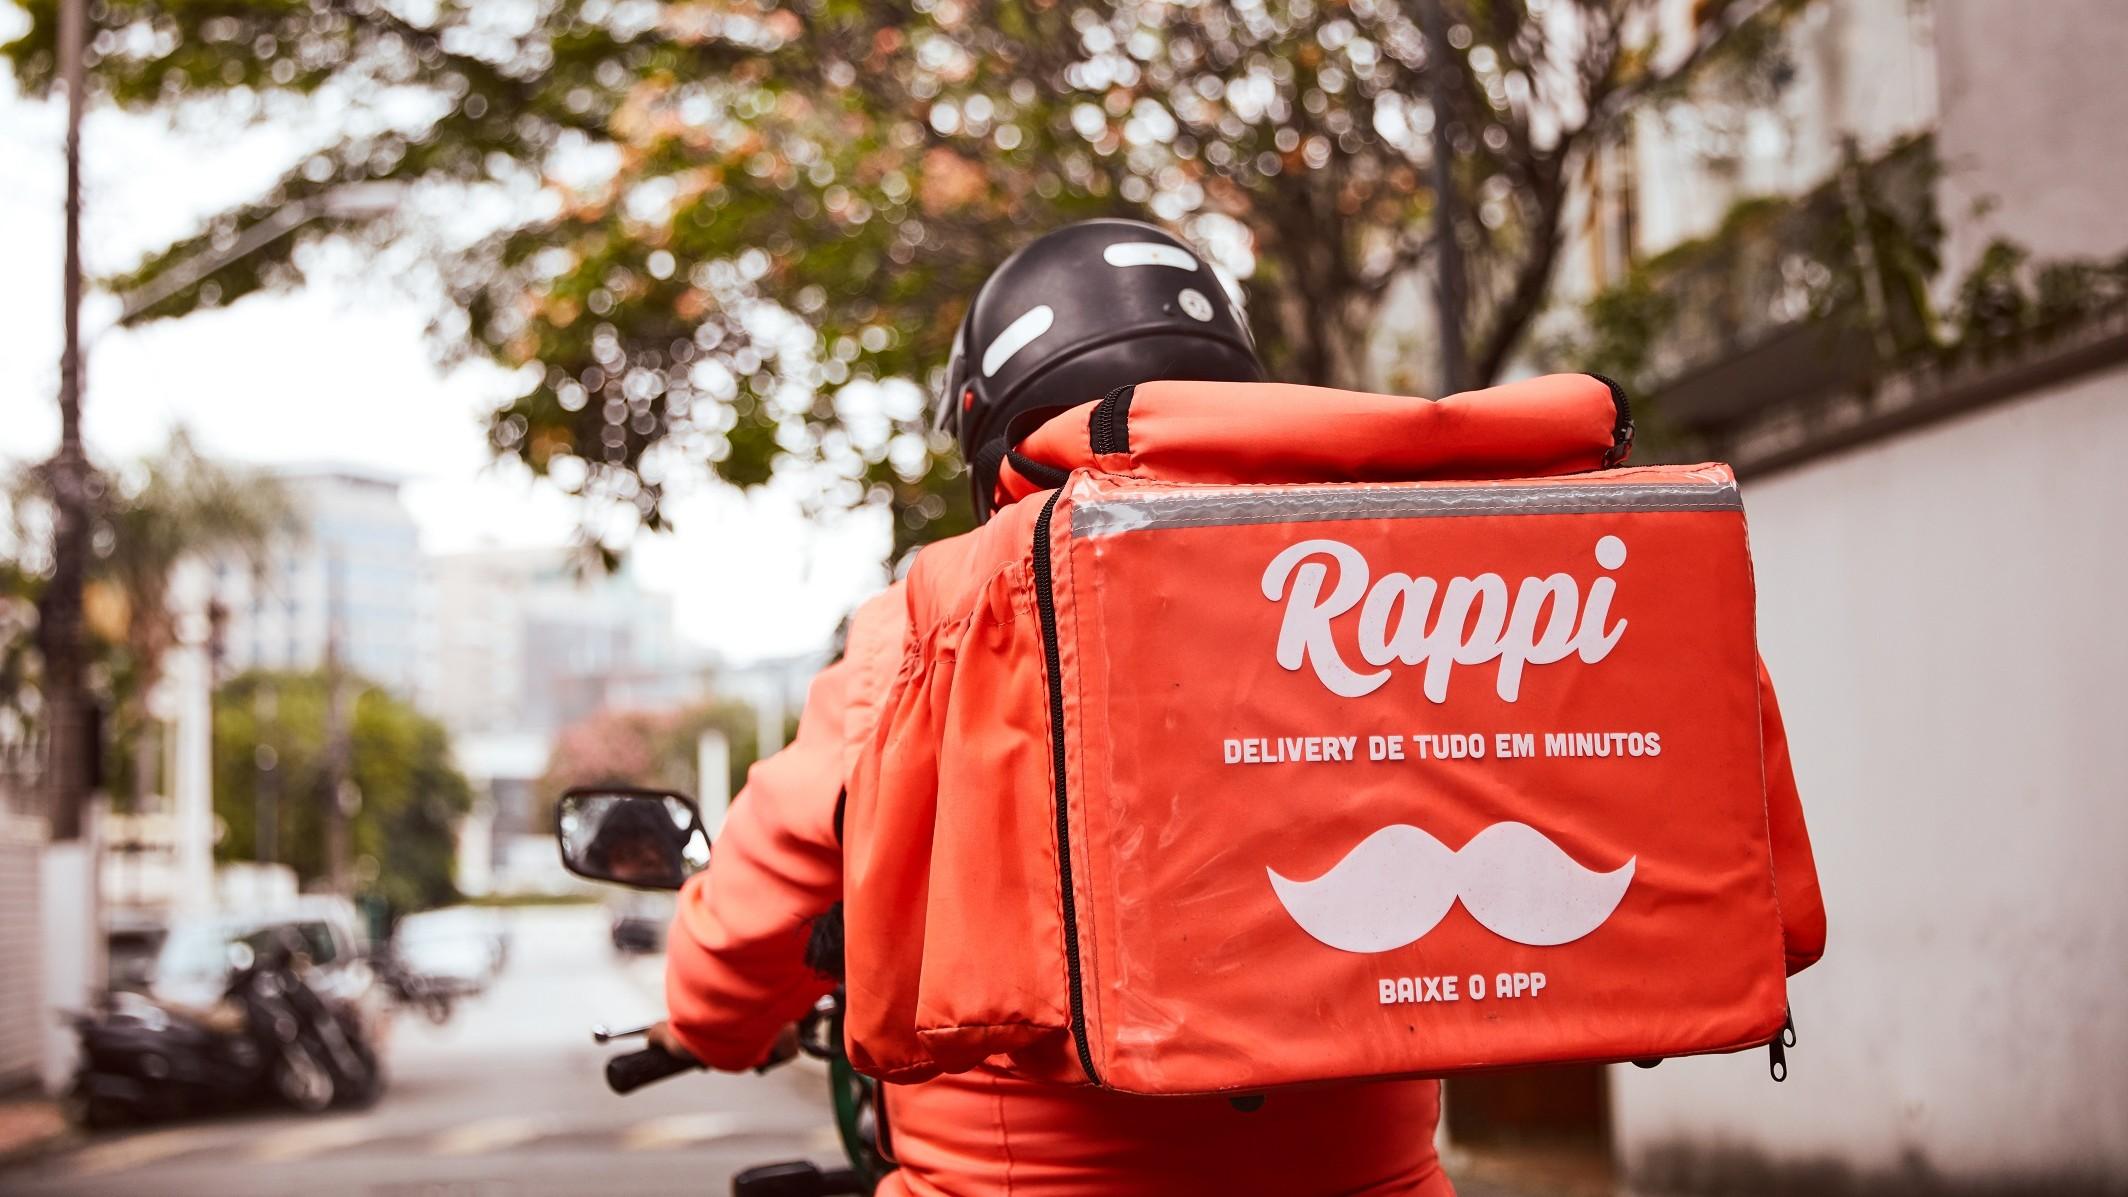 invistaja.info - Entregas em menos de 10 minutos: Rappi expande modelo de negócio e investe em estoque e galpões